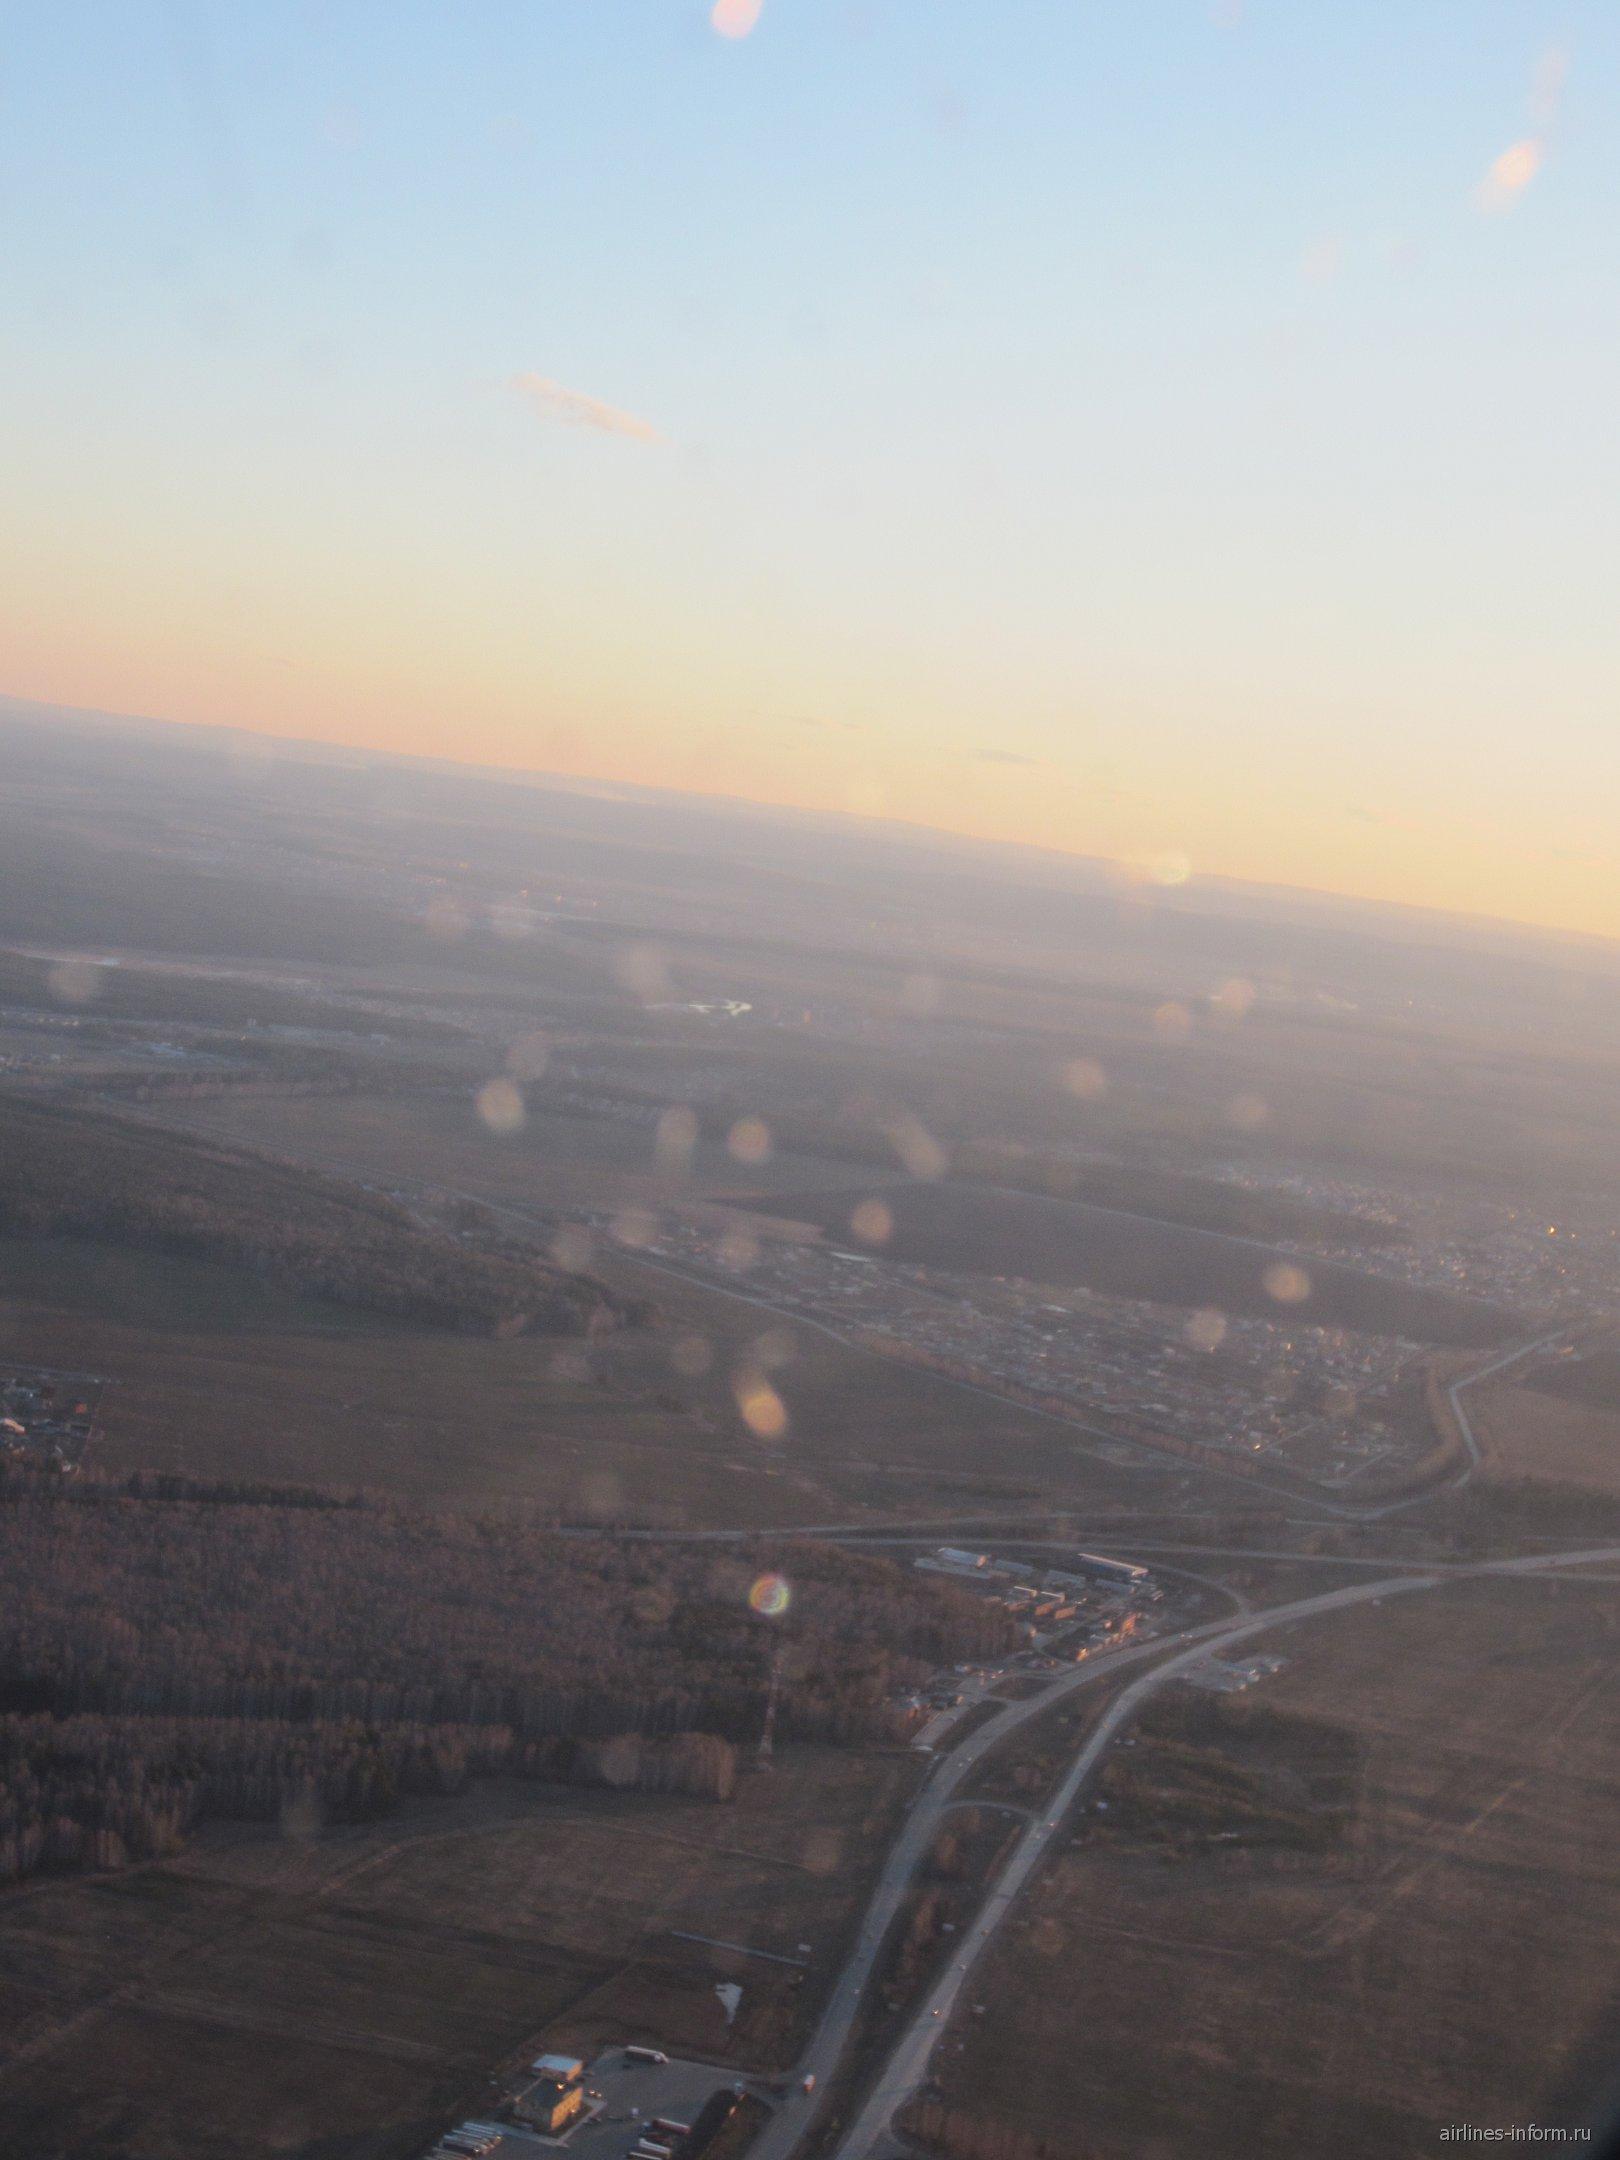 Рейс Барселона-Екатеринбург авиакомпании Уральские авиалинии